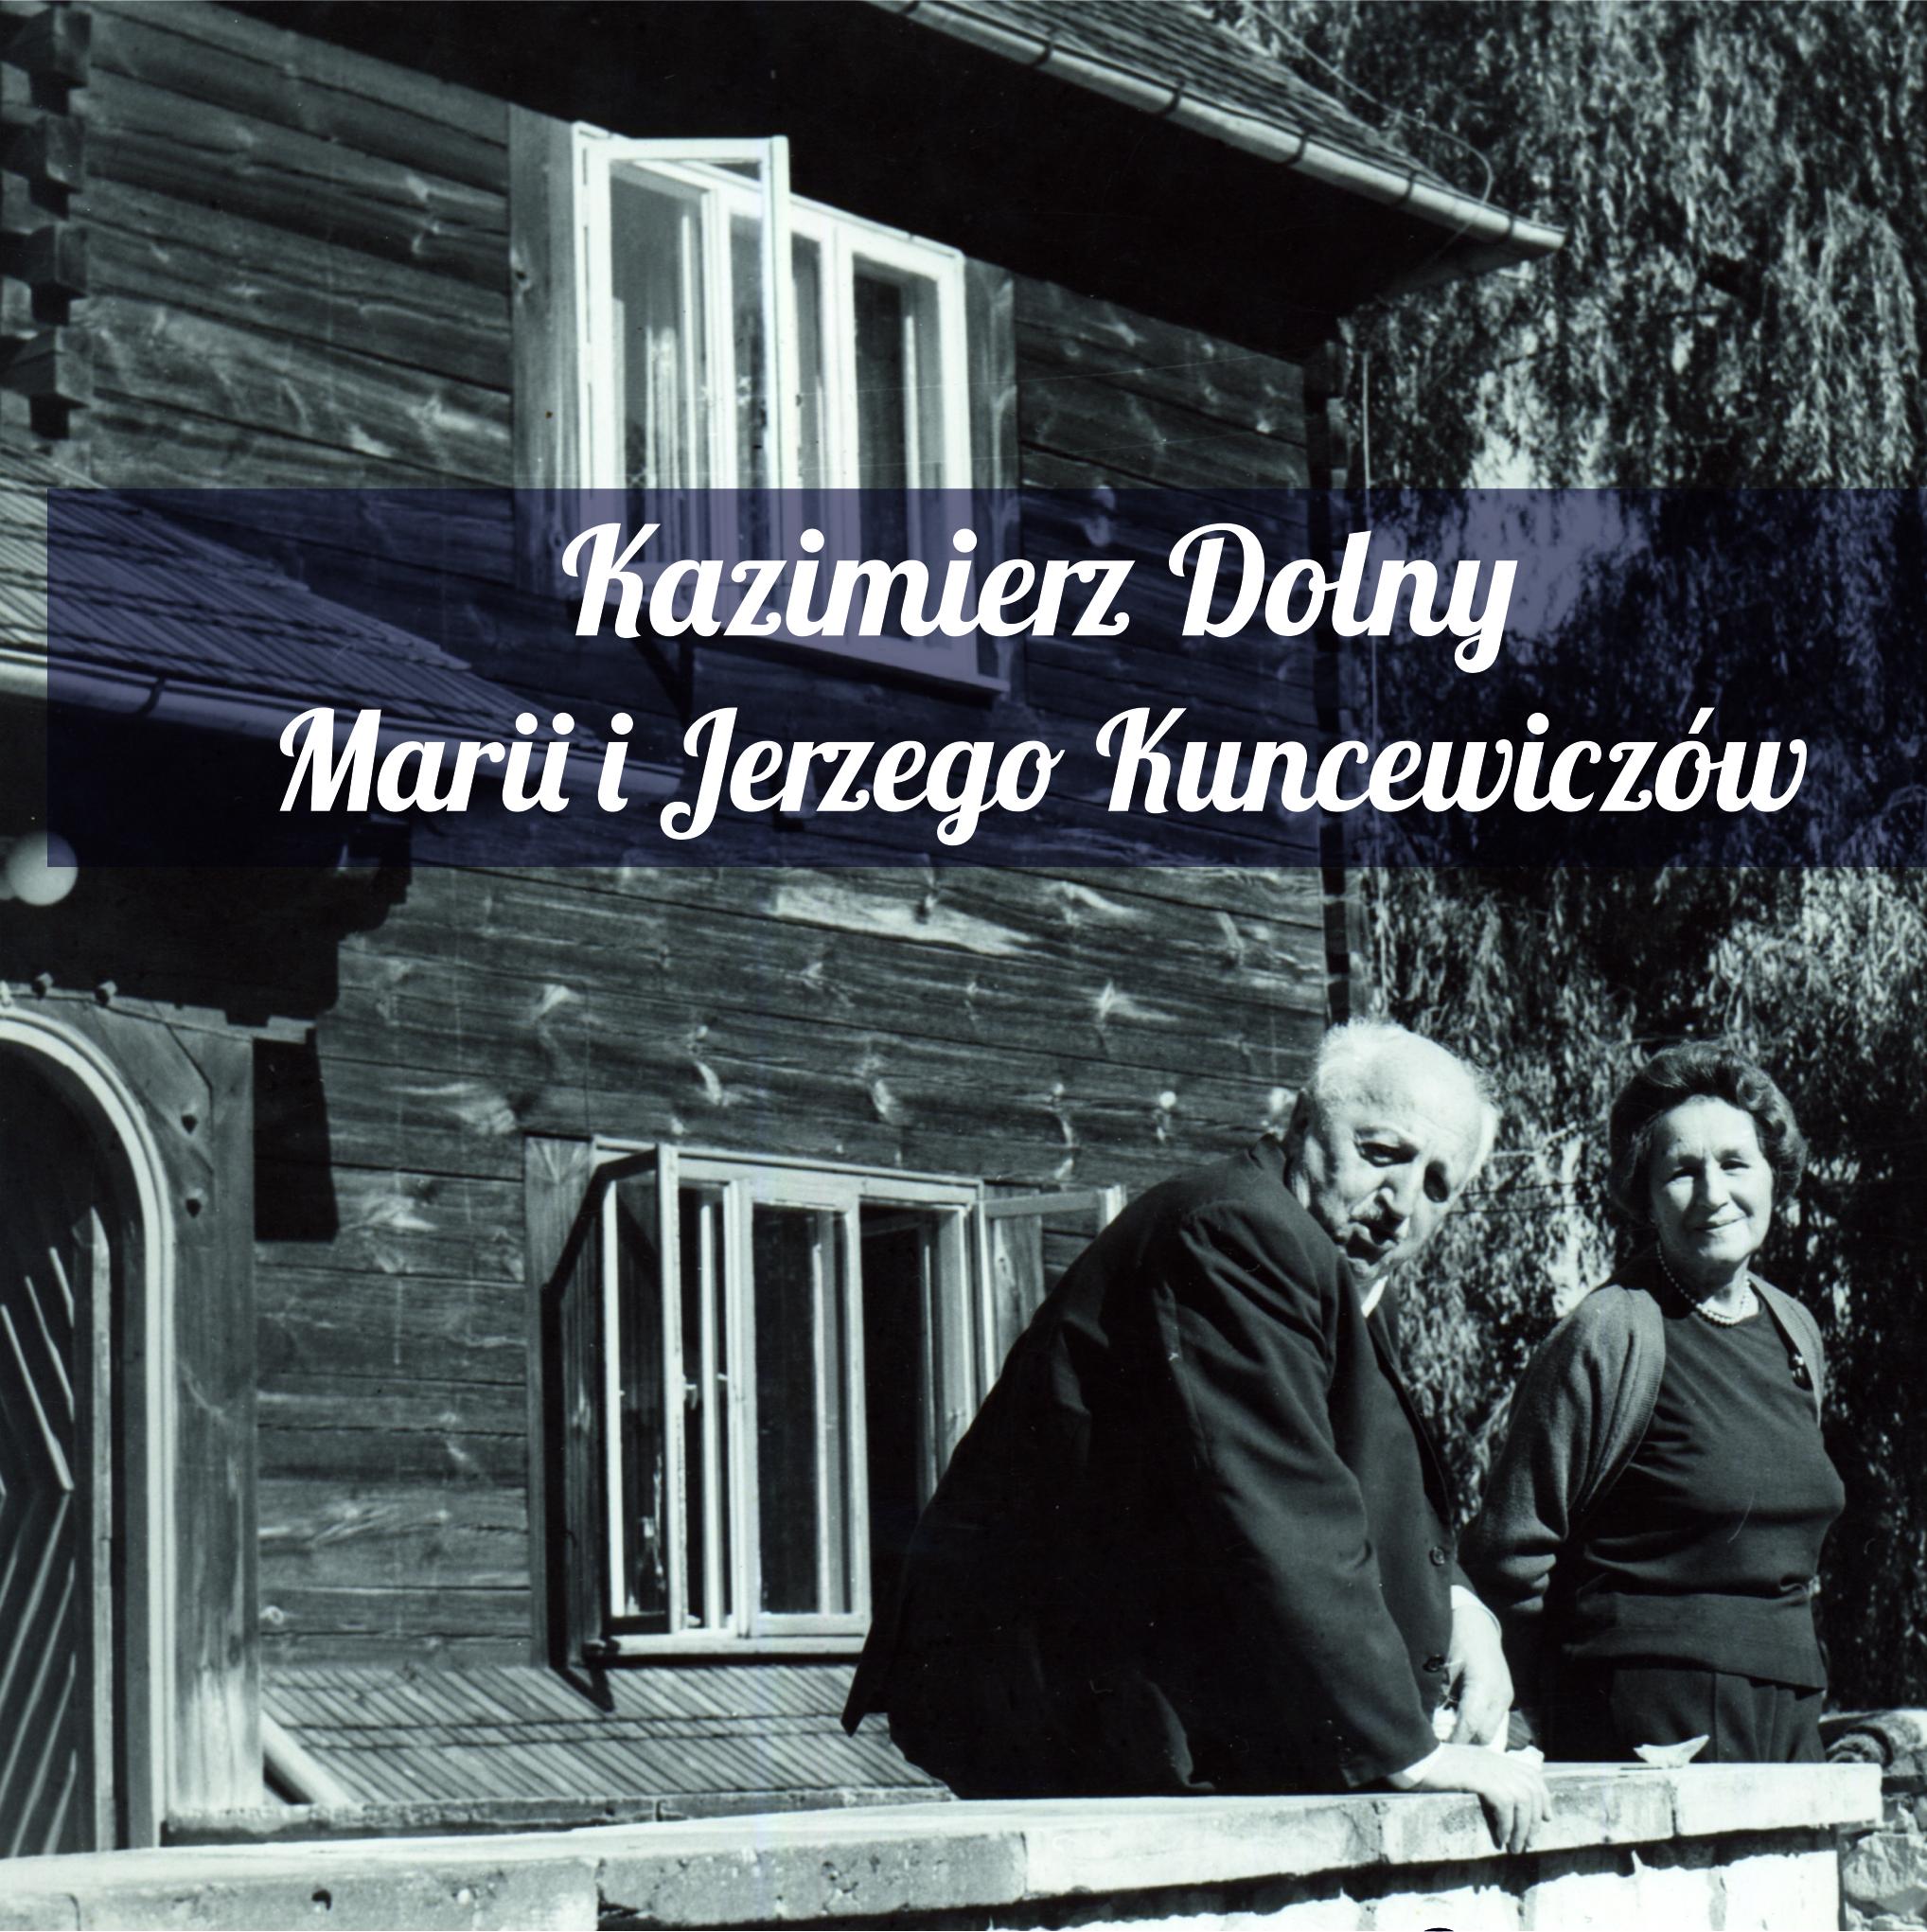 Kazimierz Dolny Marii iJerzego Kuncewiczów